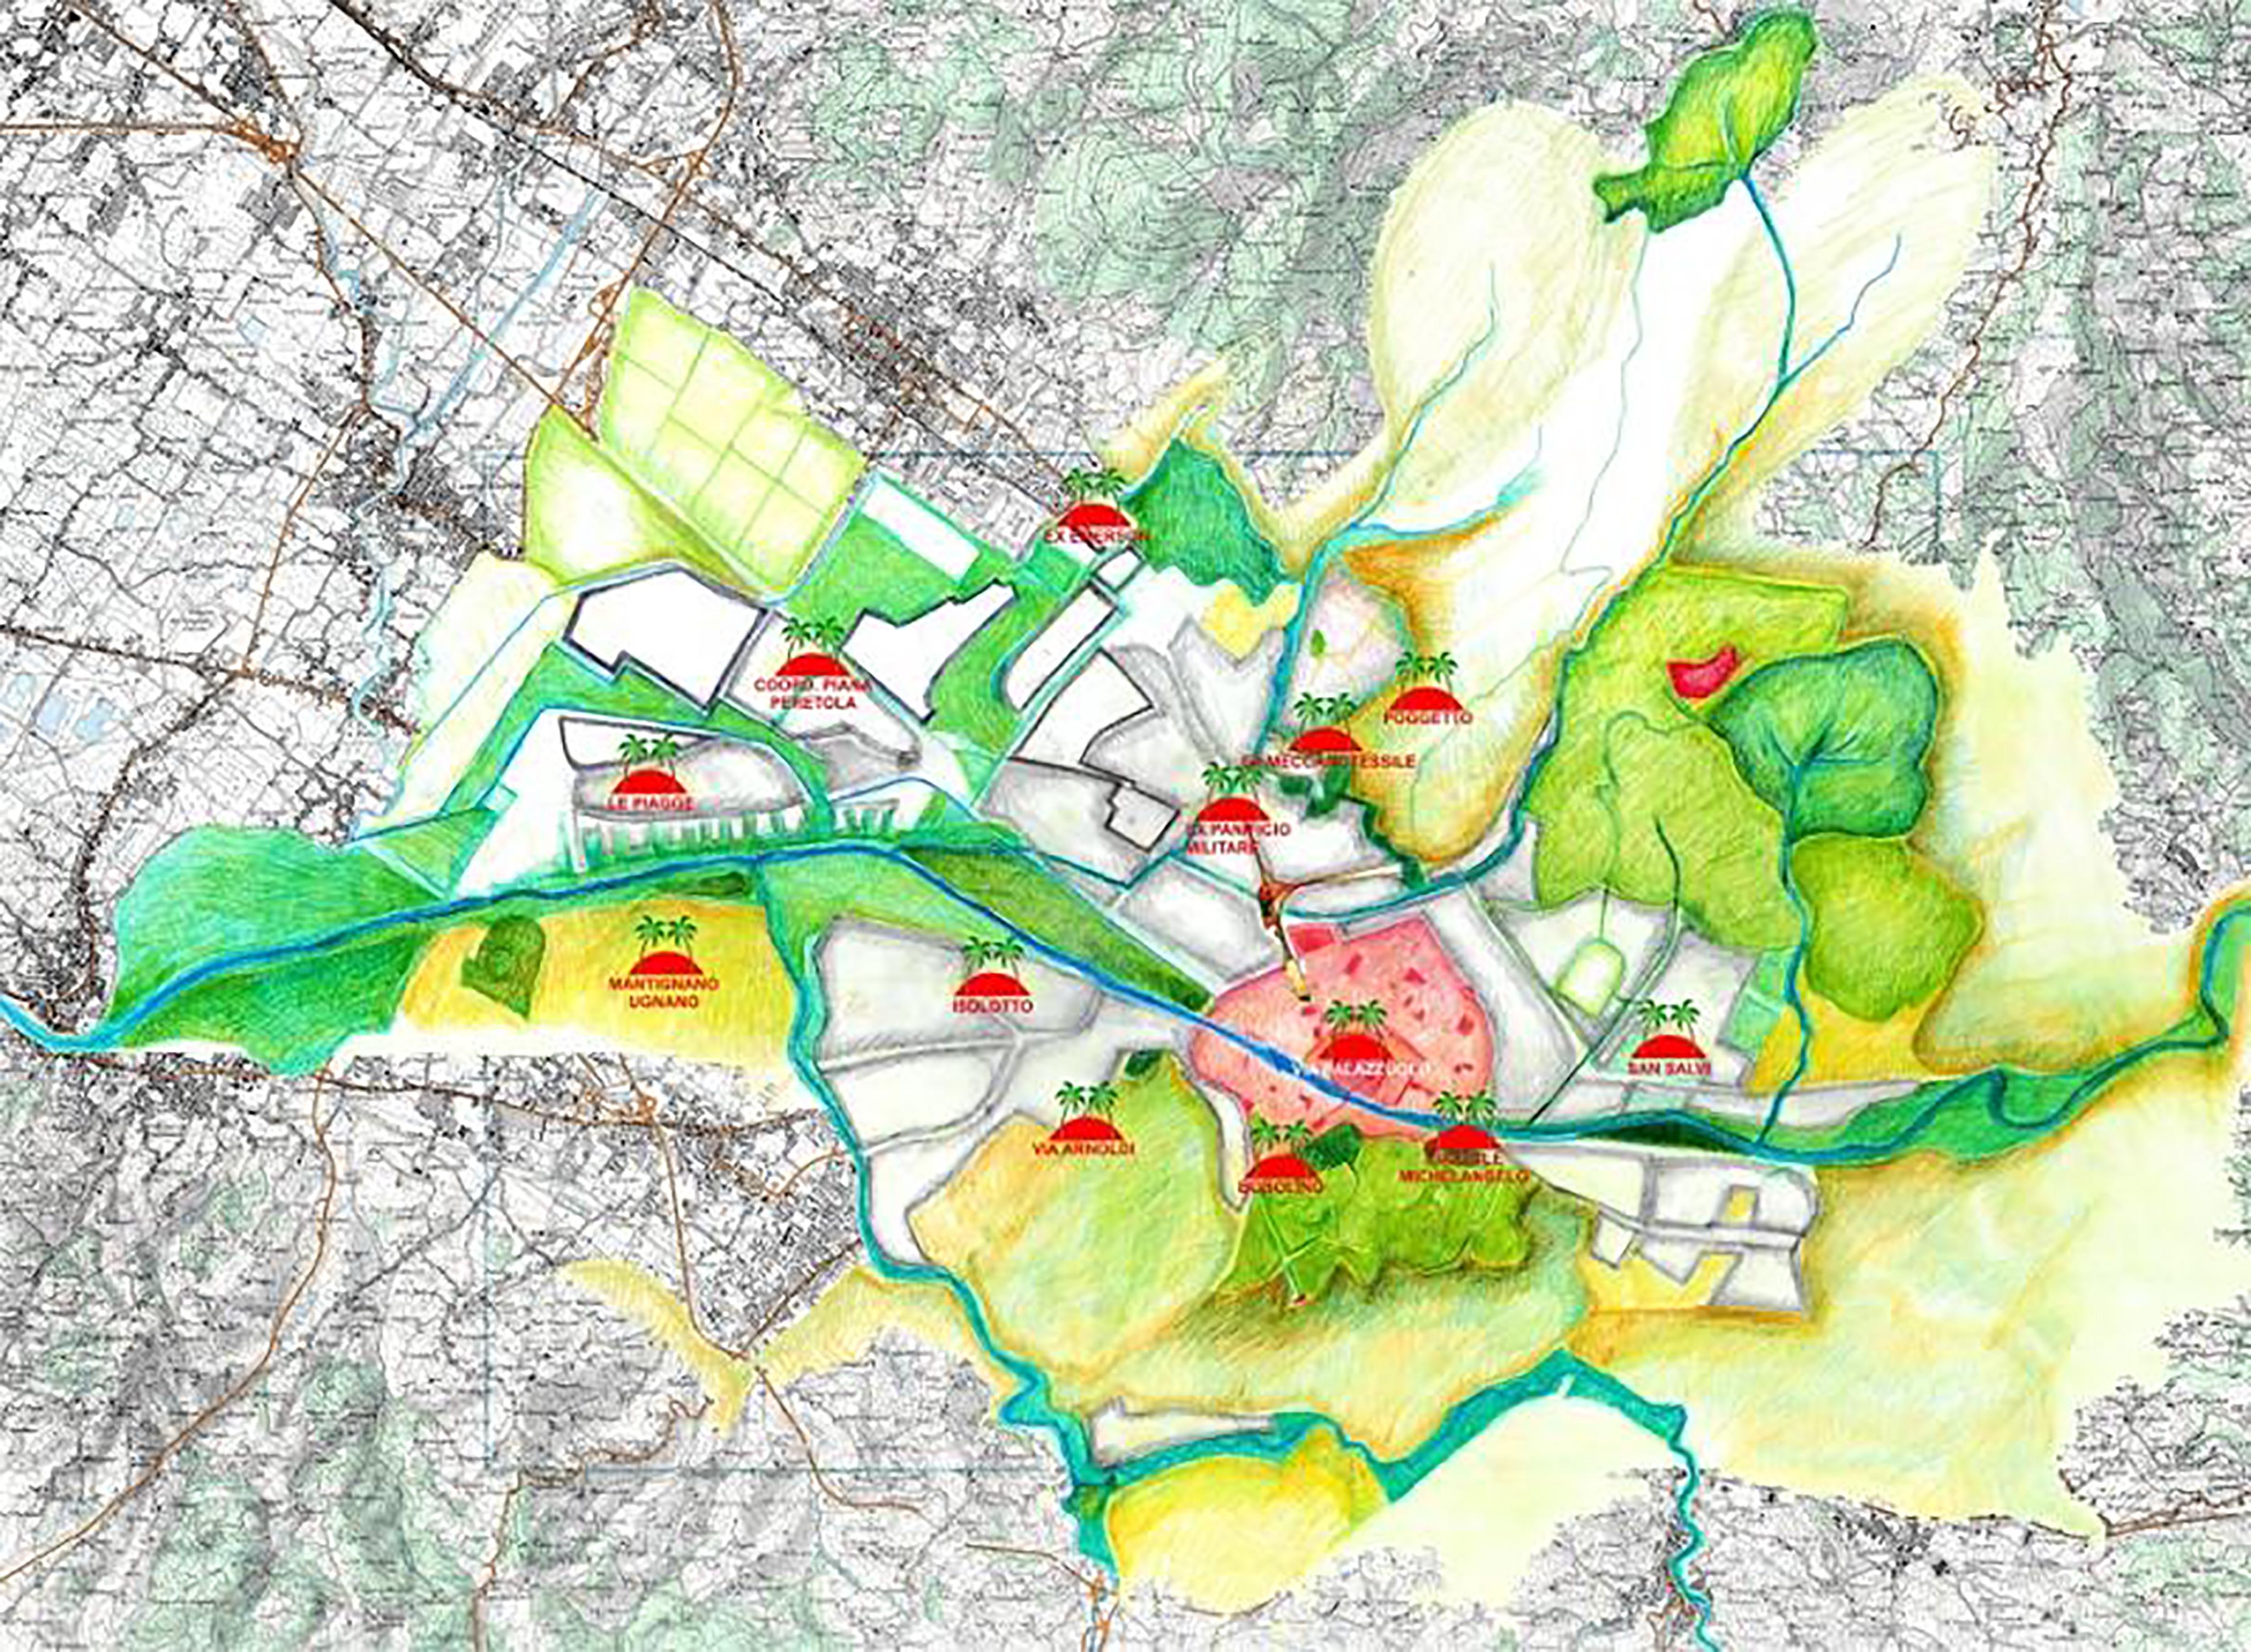 Occasione mancata per un corridoio ecologico nella Piana: il caso Carraia-Geminiani